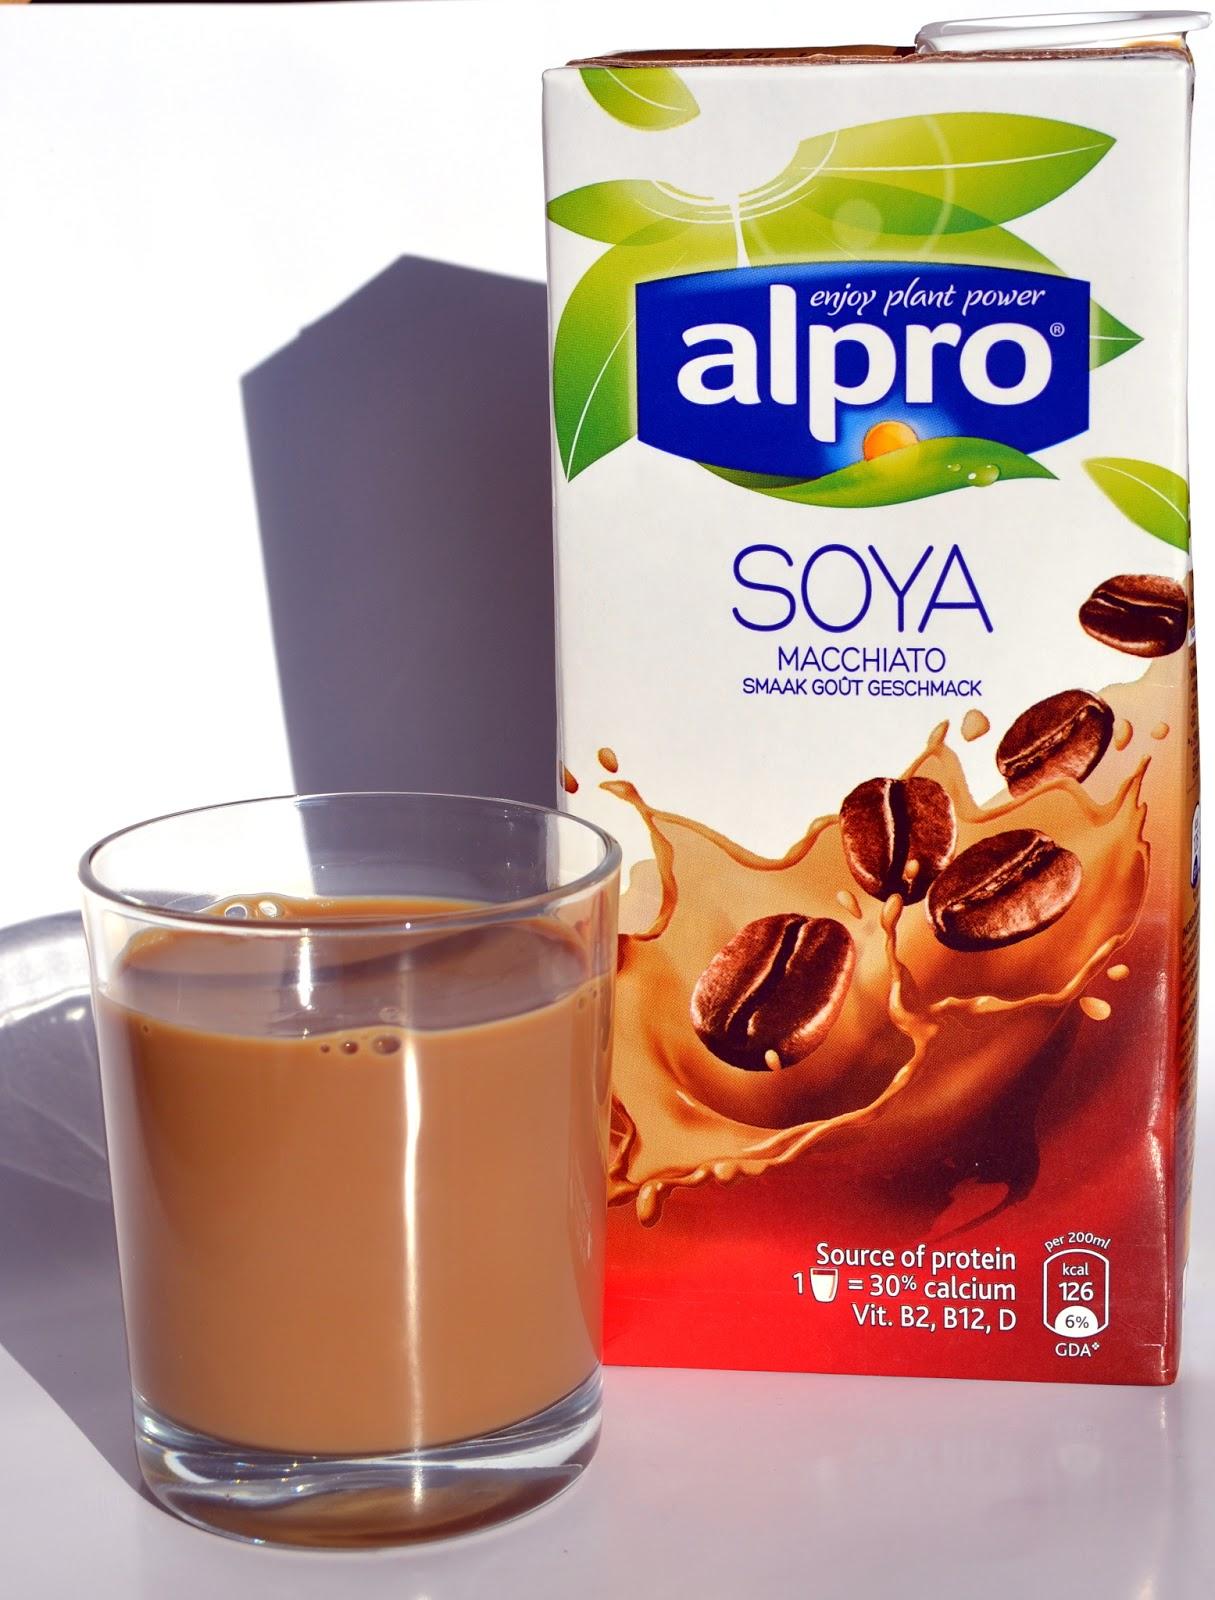 Gesunde ern hrung lebensmittel page 30 for Alpro soja cuisine